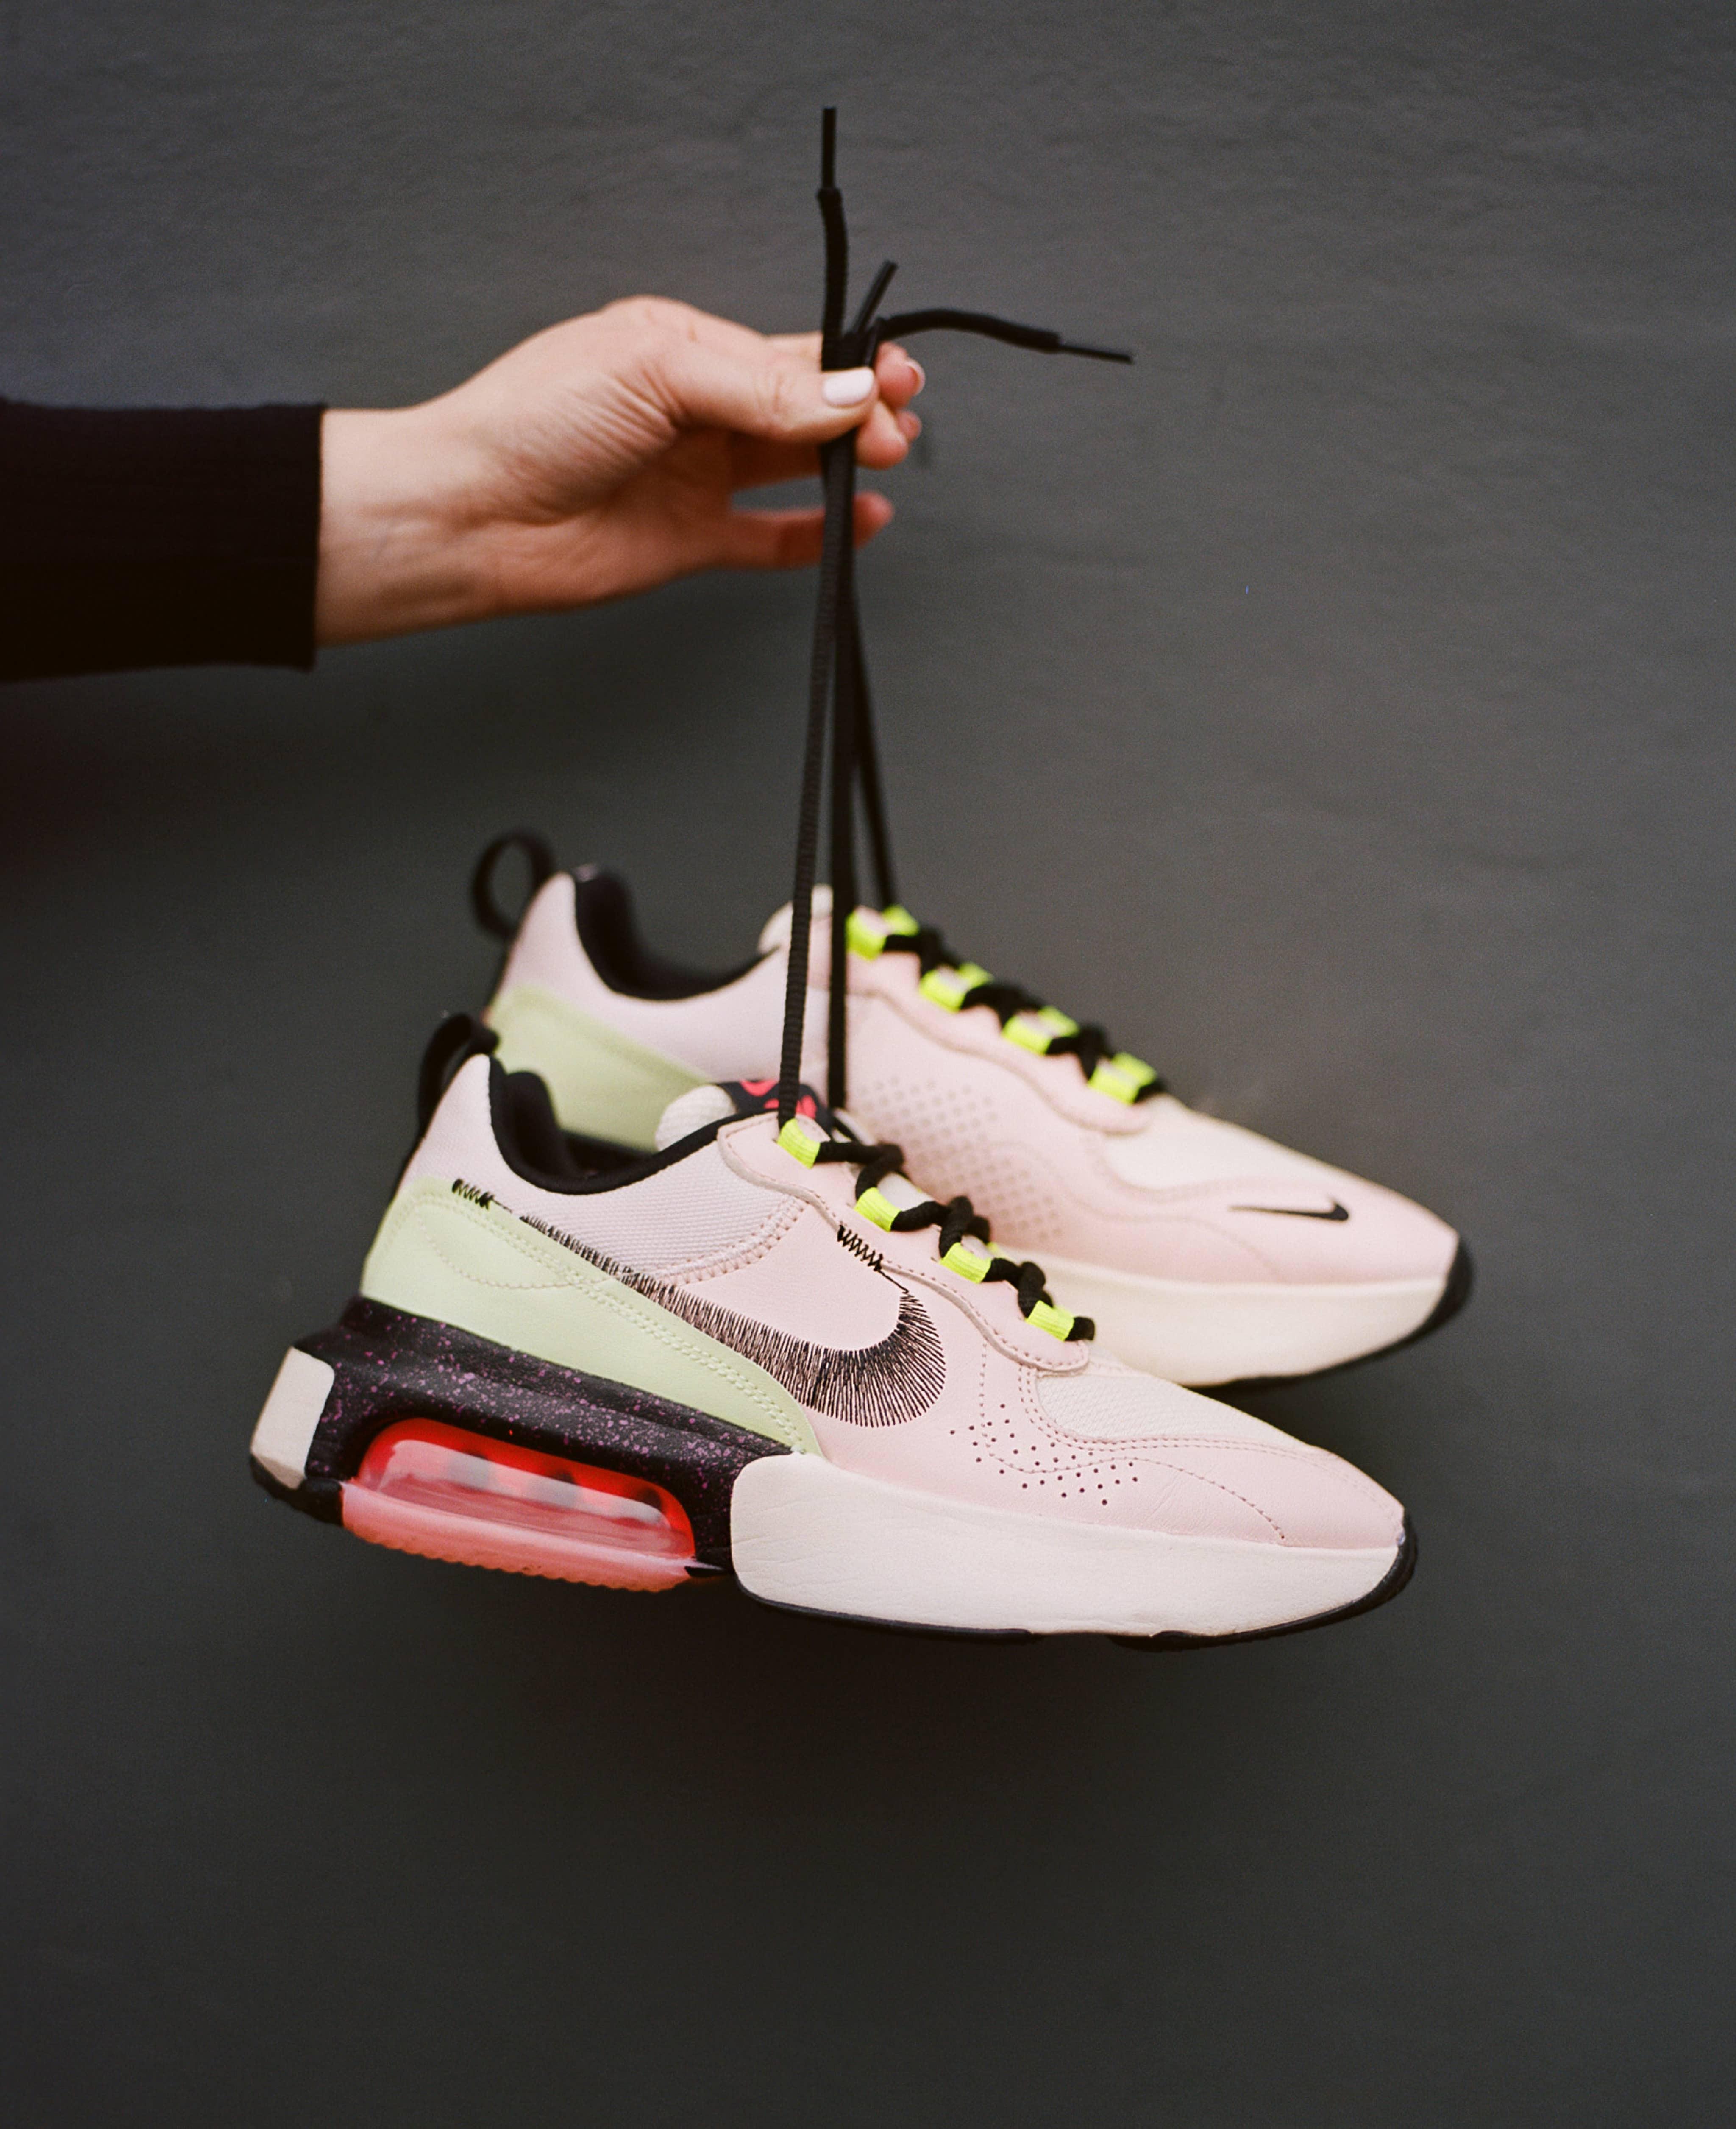 Meet the Air Max Verona - Nike's latest